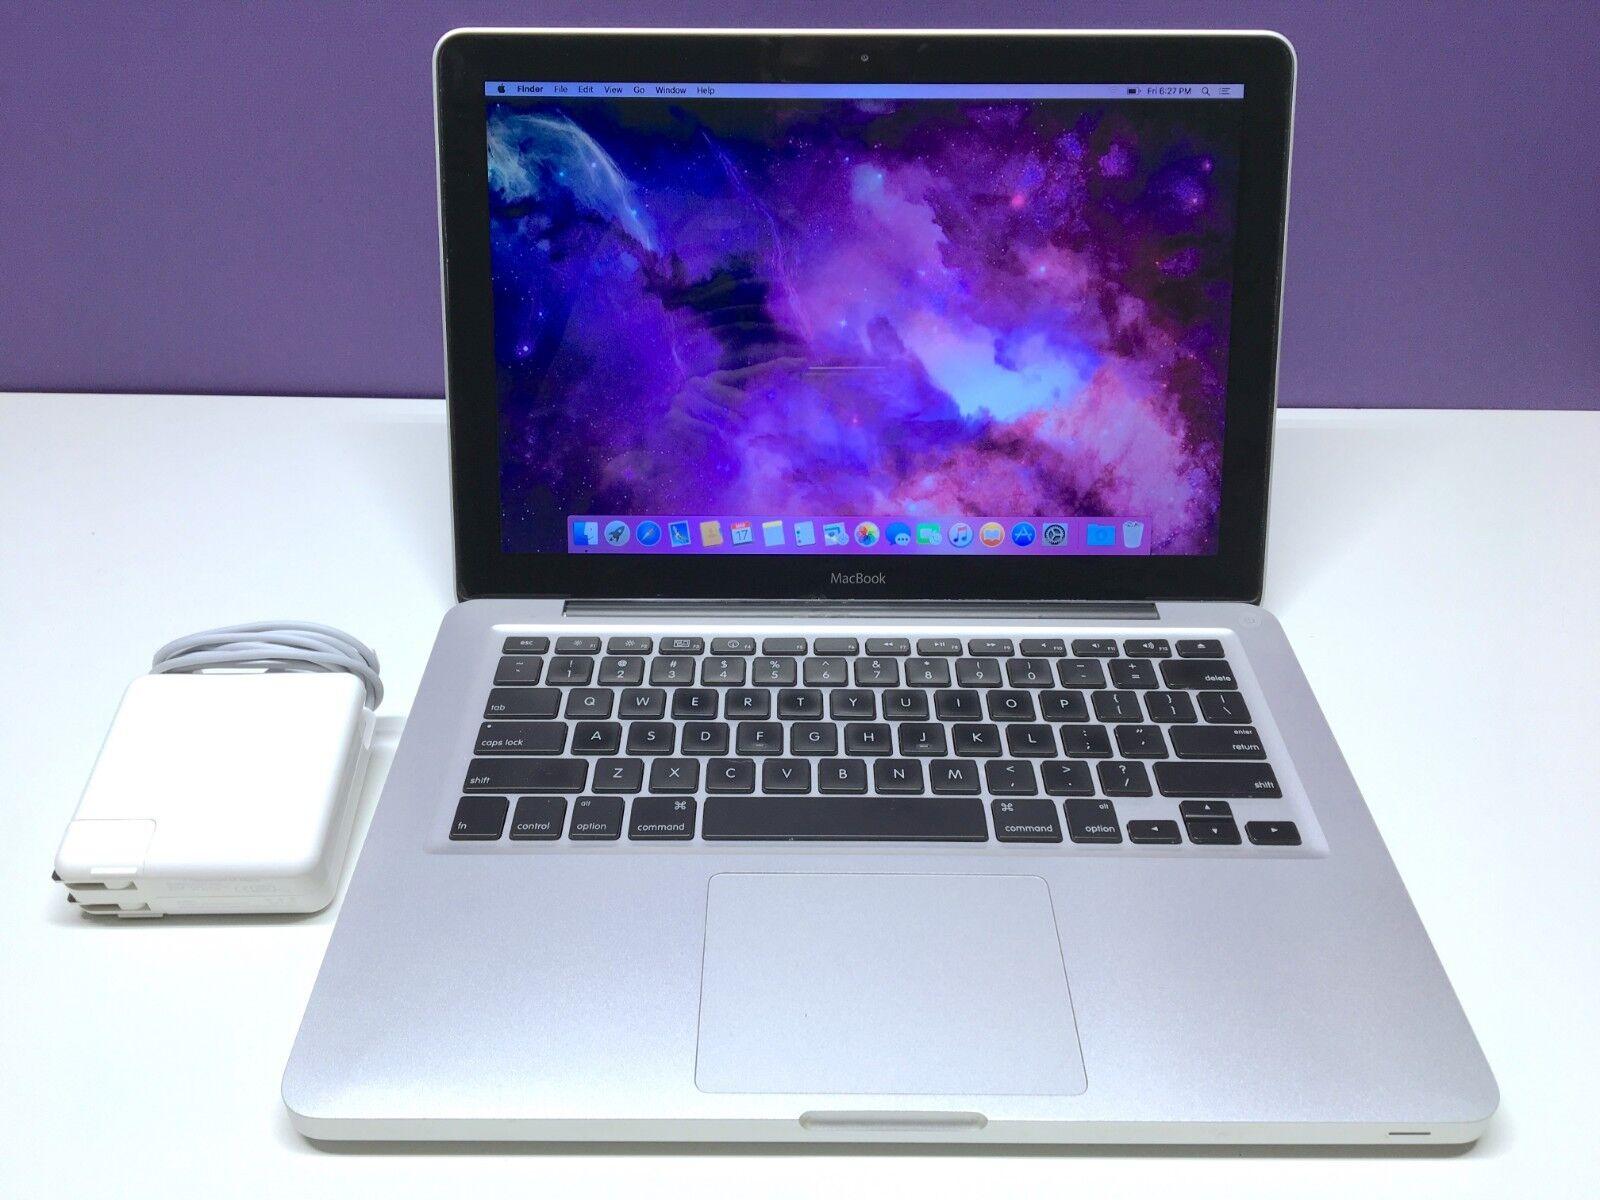 """Apple MacBook Unibody 13"""" OS X 2015 / 2.4GHz / 1TB Storage / 3 Year Warranty!"""